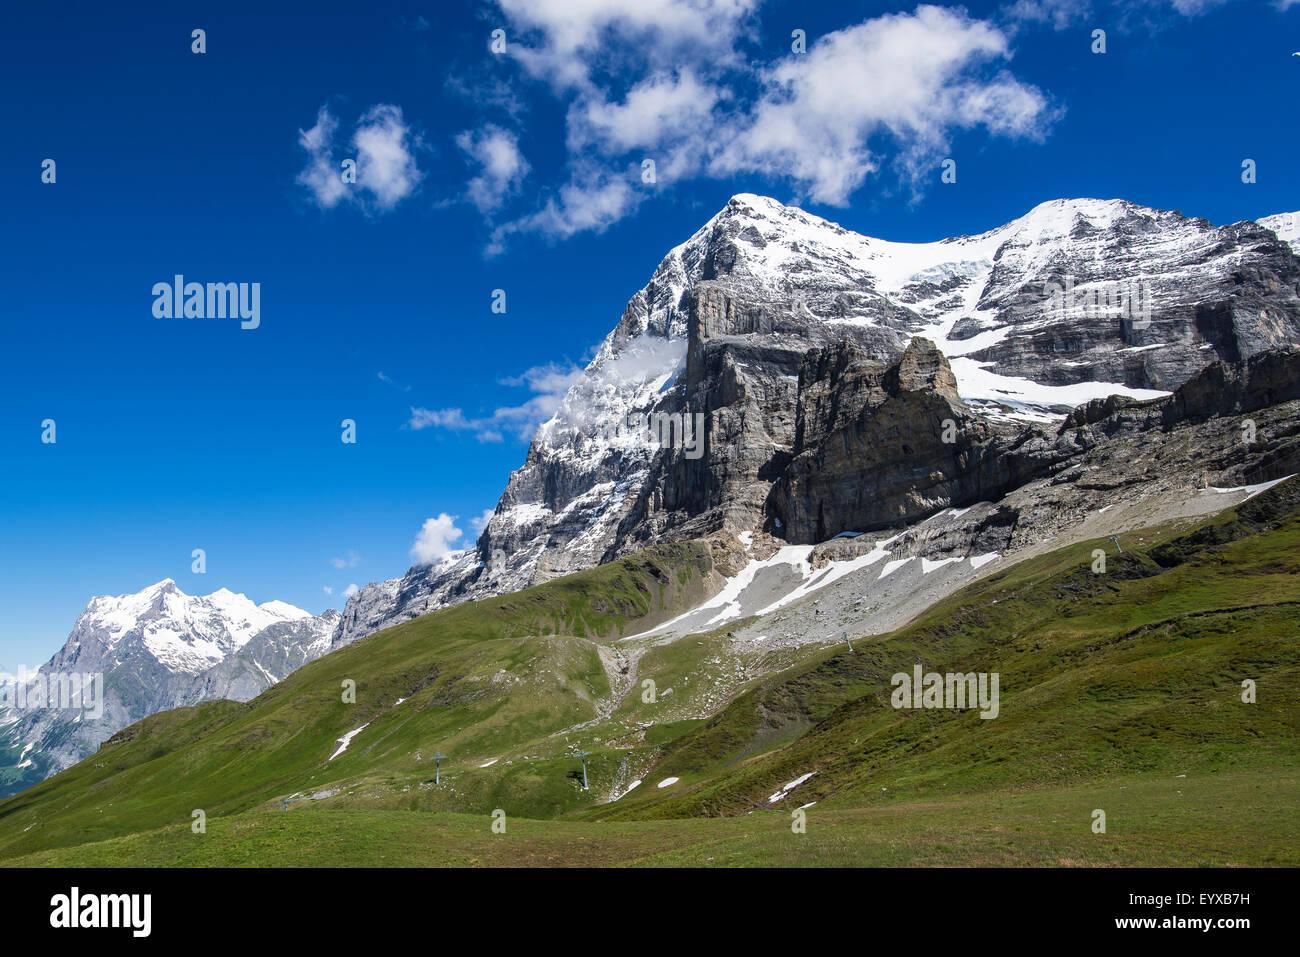 El Eiger mostrando su famosa cara Norte, Suiza. Imagen De Stock